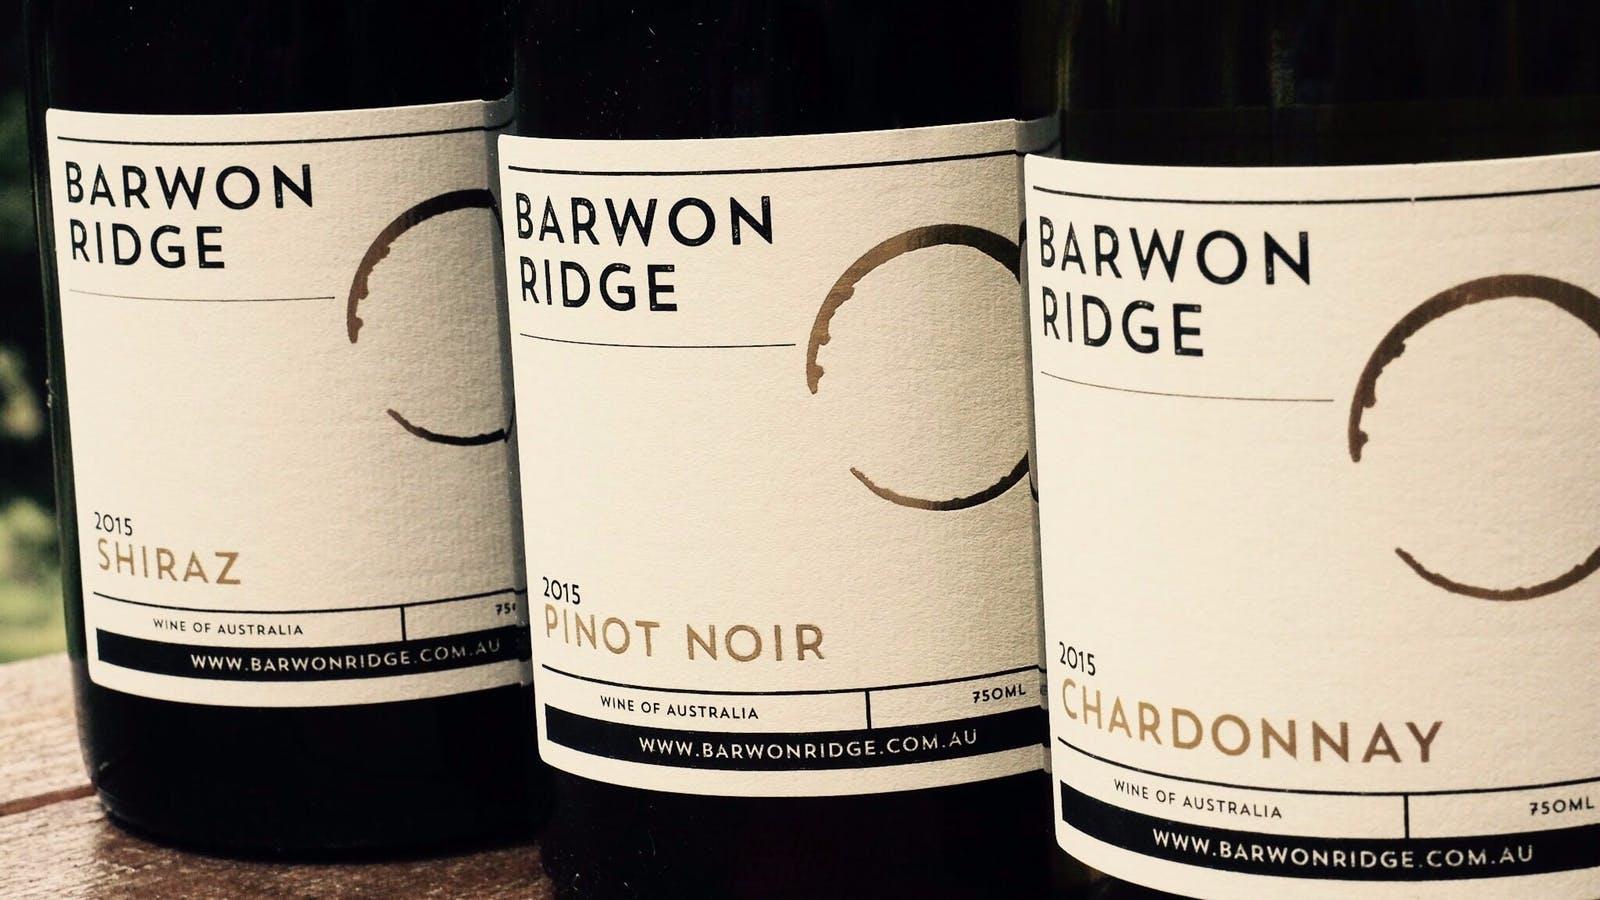 2015 wines